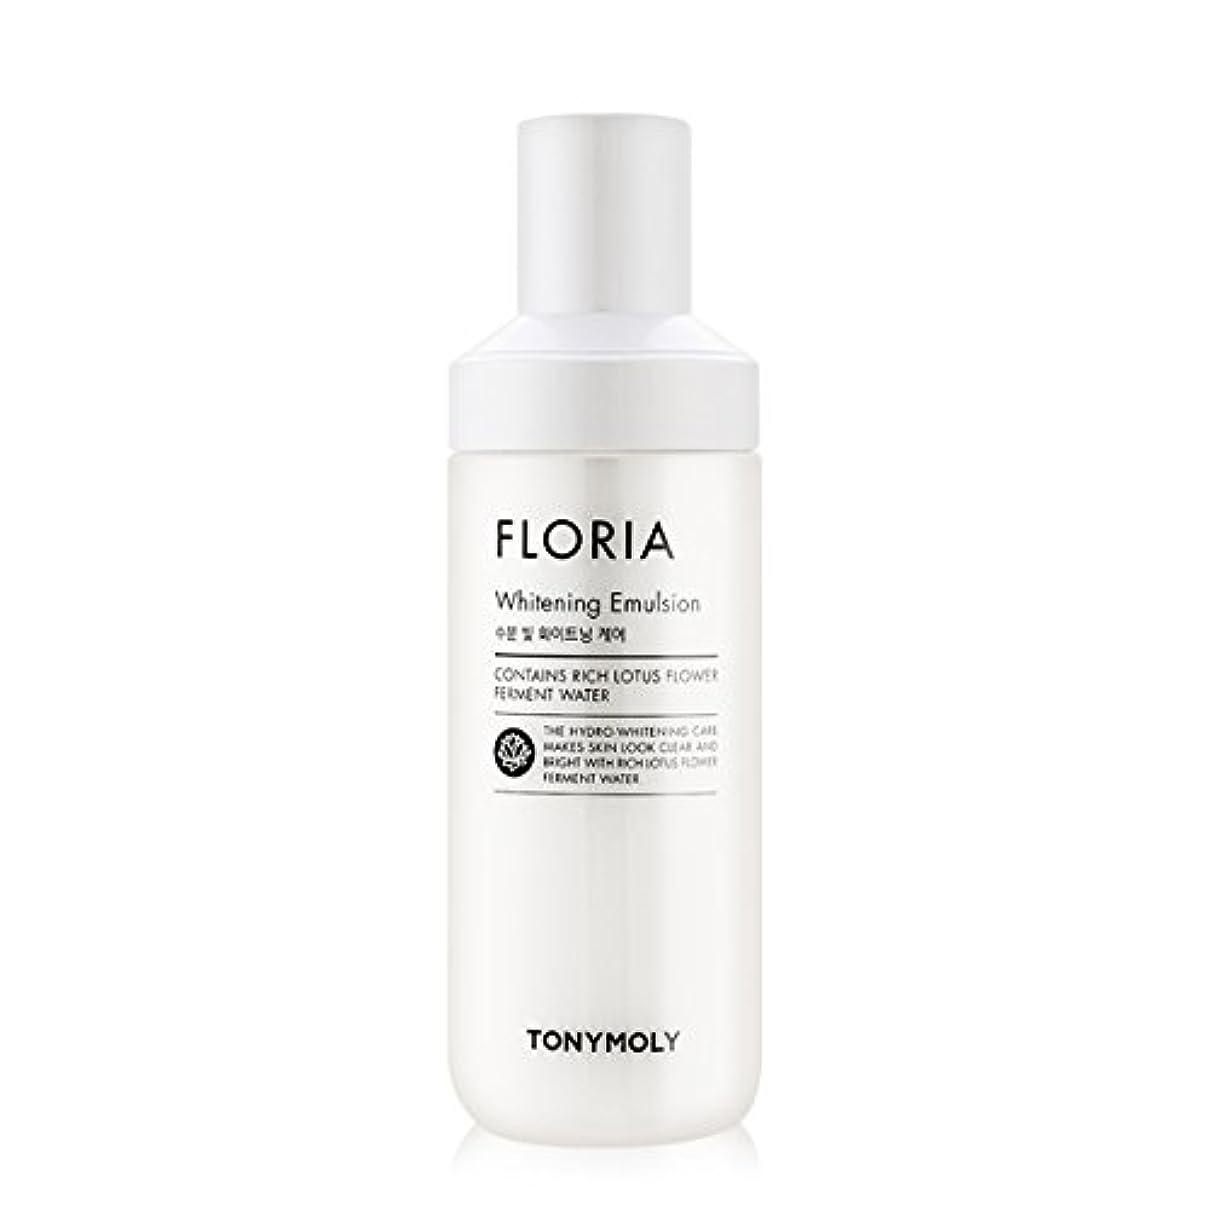 にじみ出る重要な役割を果たす、中心的な手段となる引退した[2016 New] TONYMOLY Floria Whitening Emulsion 160ml/トニーモリー フロリア ホワイトニング エマルジョン 160ml [並行輸入品]